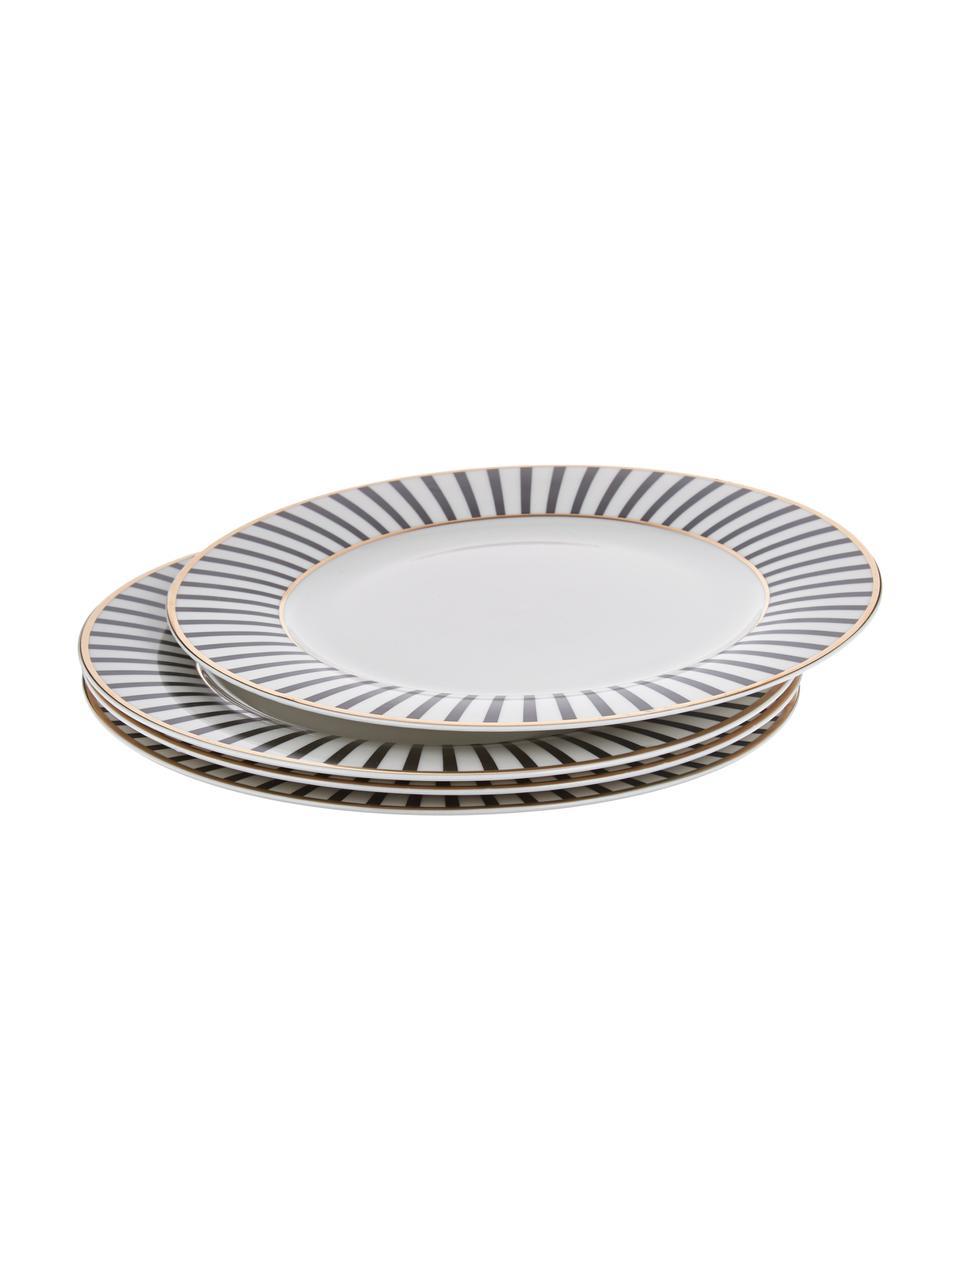 Assiette plate design en porcelaine Pluto Loft, 4pièces, Noir, blanc, couleur dorée